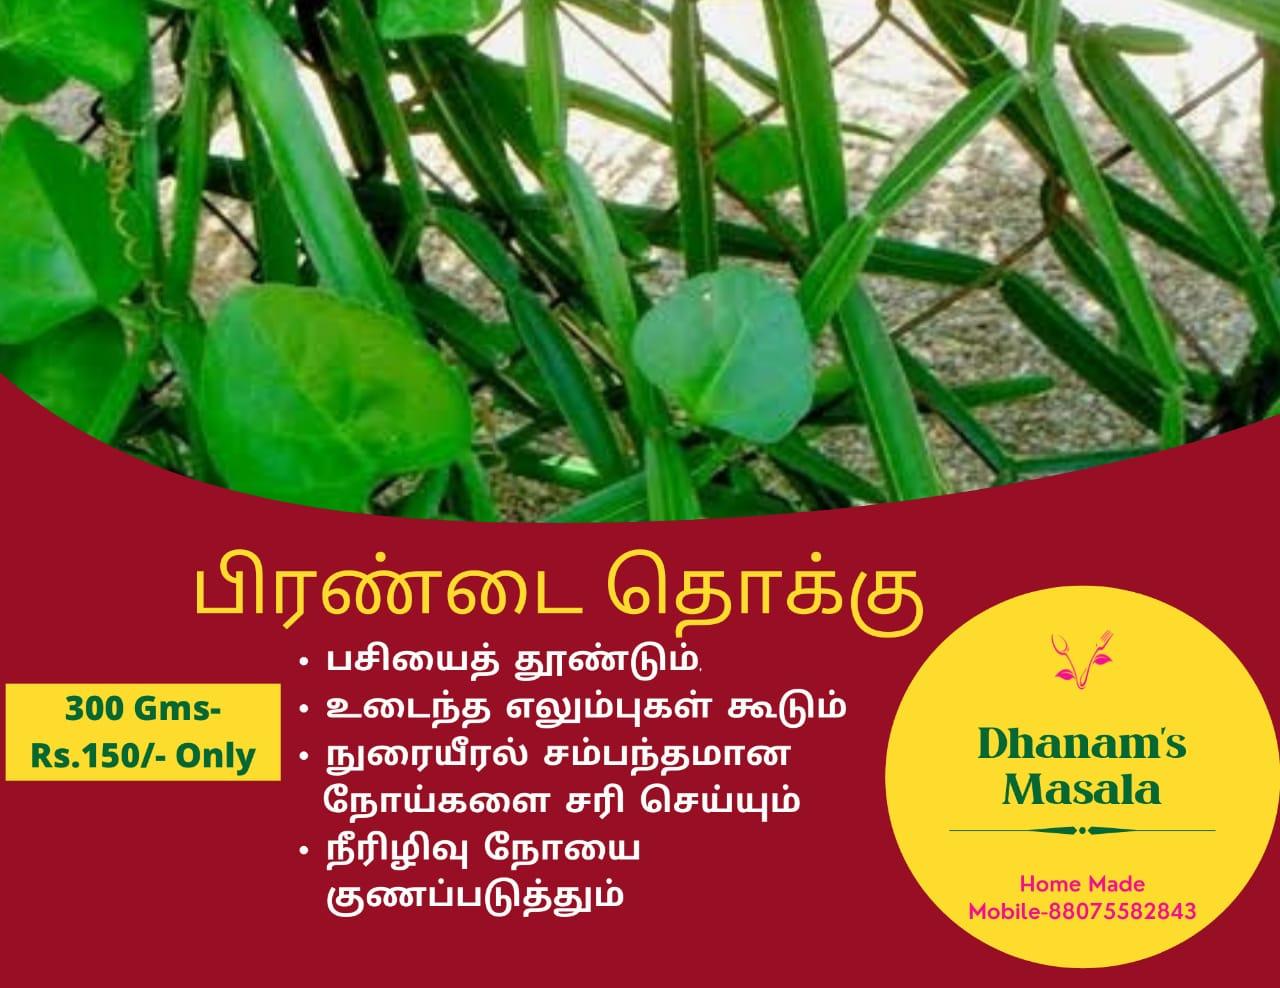 தனம் மசாலா சுத்தமான முறையில் தயாரிக்கப்பட்டதாகும்